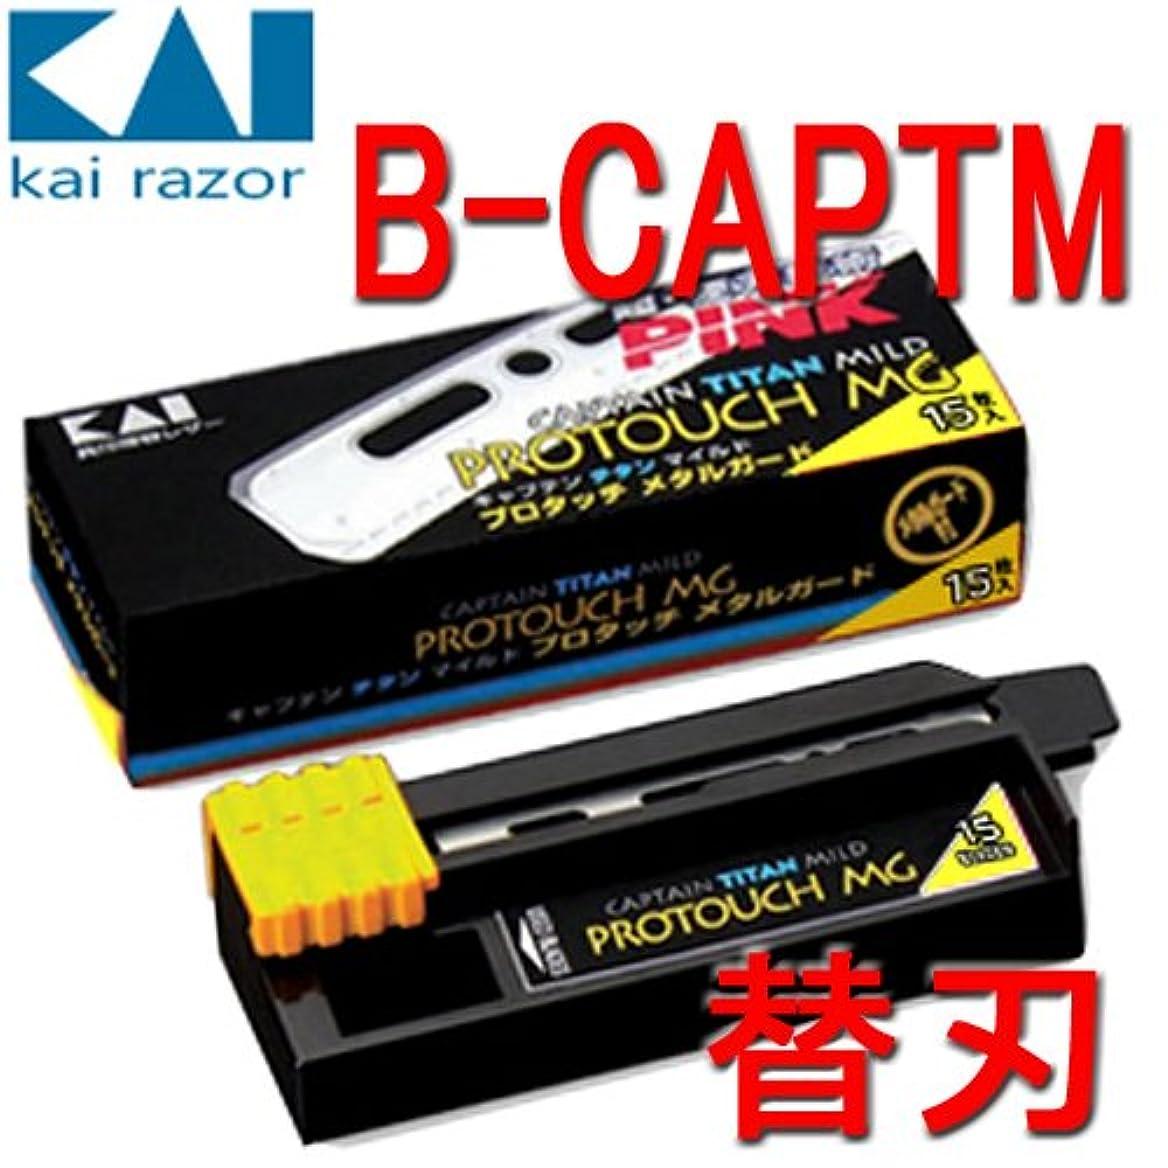 銀行口頭マントル【貝印カミソリ】 業務用 キャプテン-チタン-メタルガード15 (B-CAPTM)